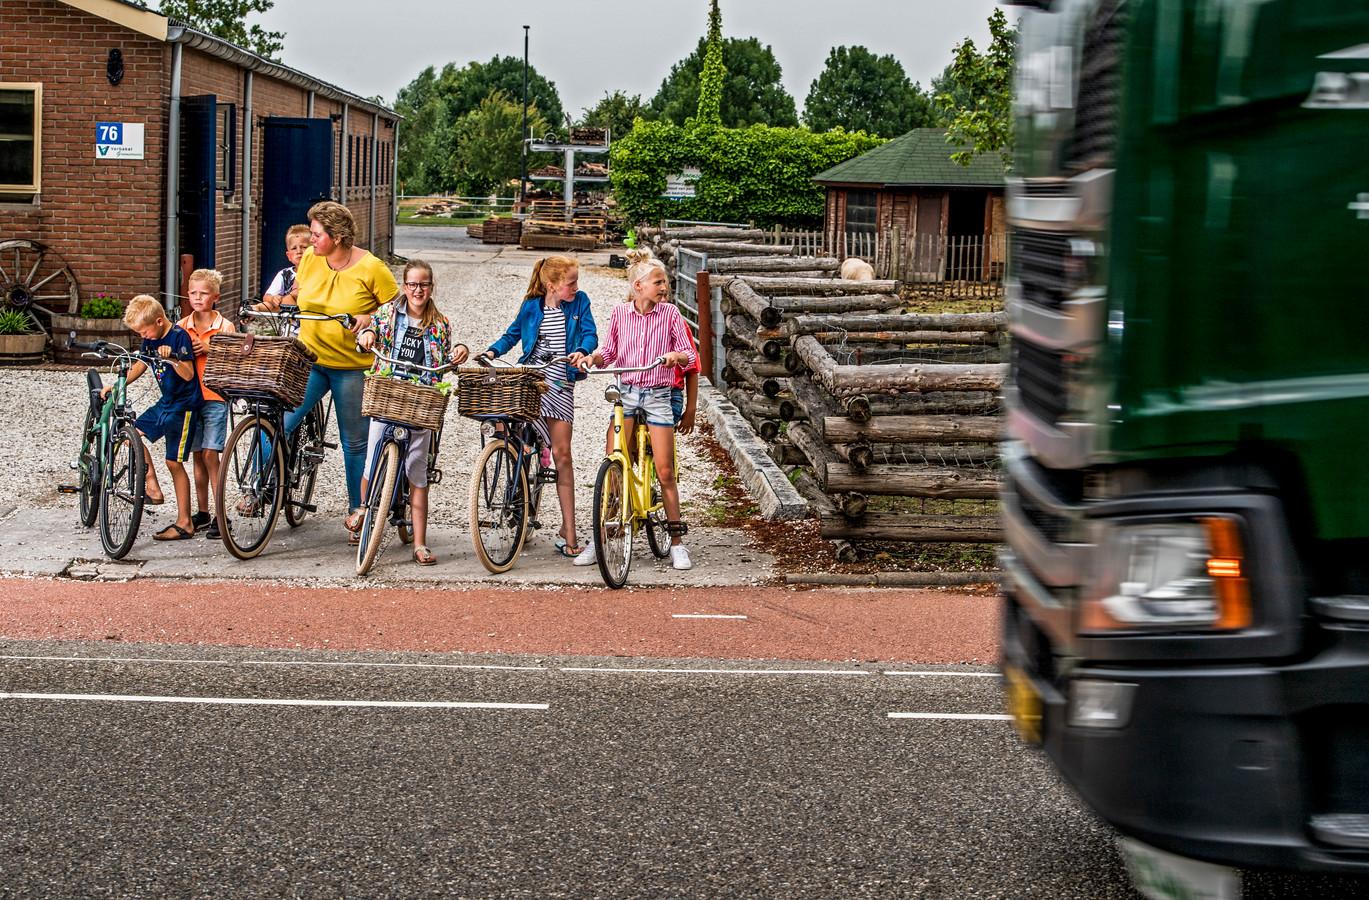 Marielle Verbakel met de kinderen op de fiets terwijl zij de Halve Raak op wil rijden. De provincie wil er een provinciale weg van maken. Foto: Frank de Roo